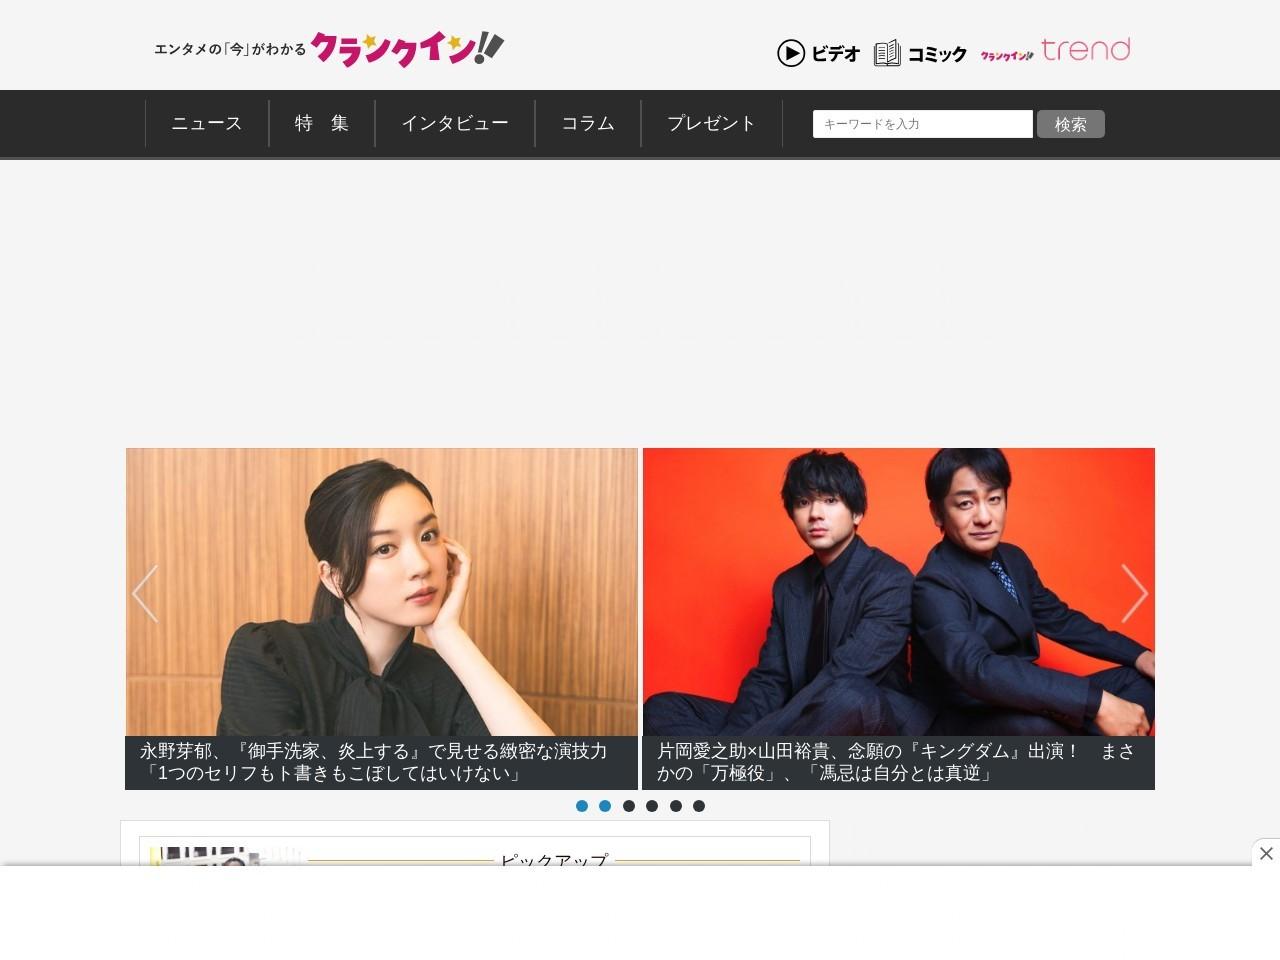 """東京ディズニーリゾート、2019年""""いいね""""ランキング発表! 1位に選ばれたのは?"""